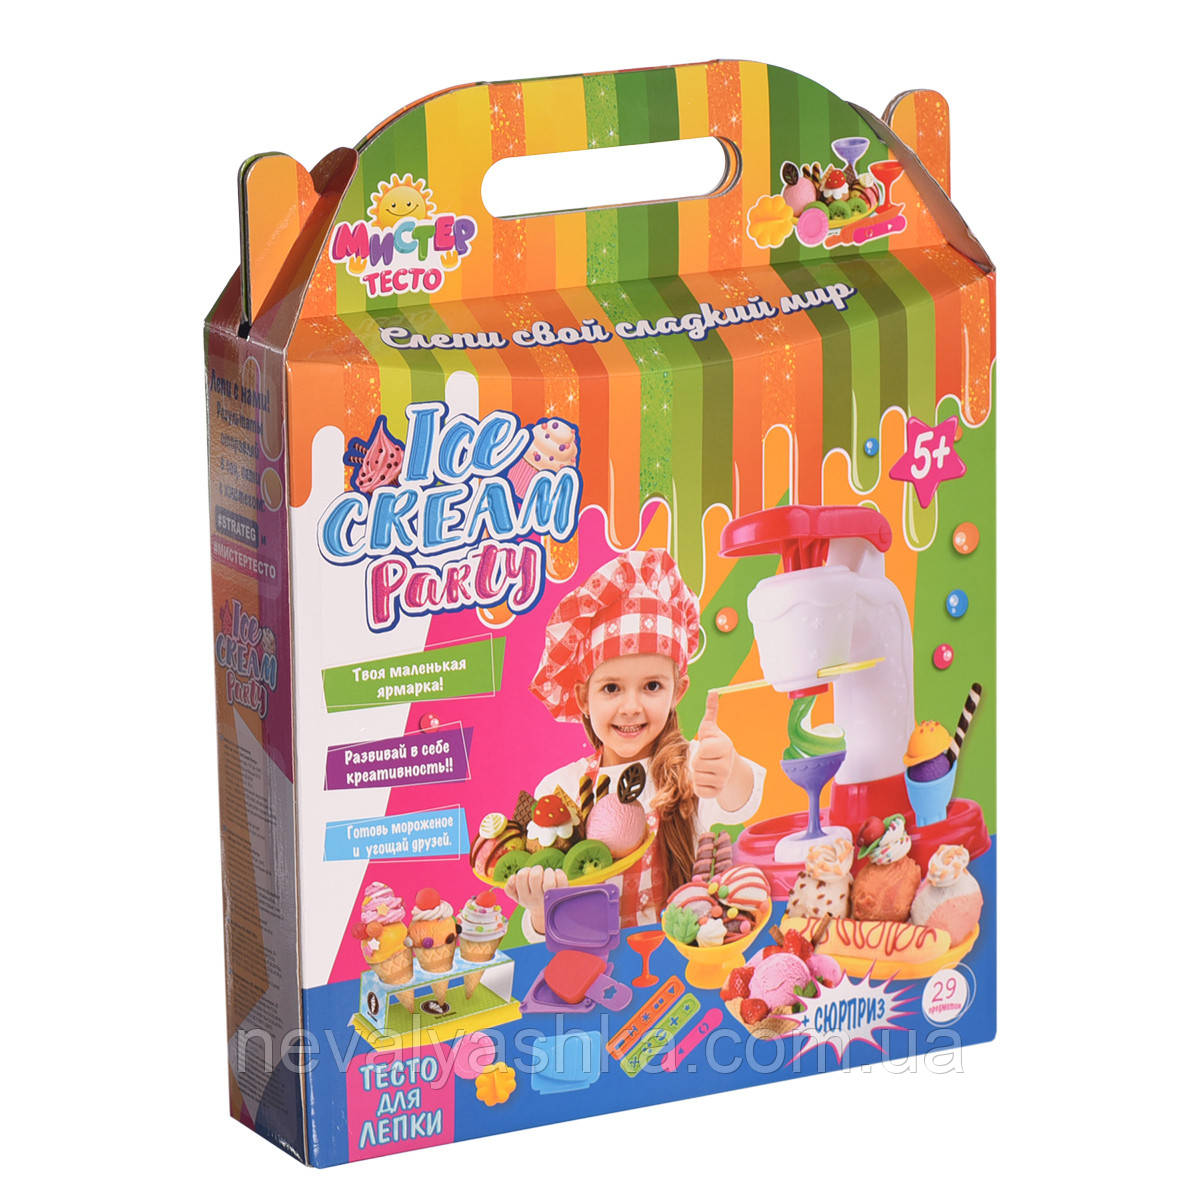 Игровой набор для лепки Мистер тесто Мороженое 29 элем. Ice cream party Стратег Strateg 71208 009834